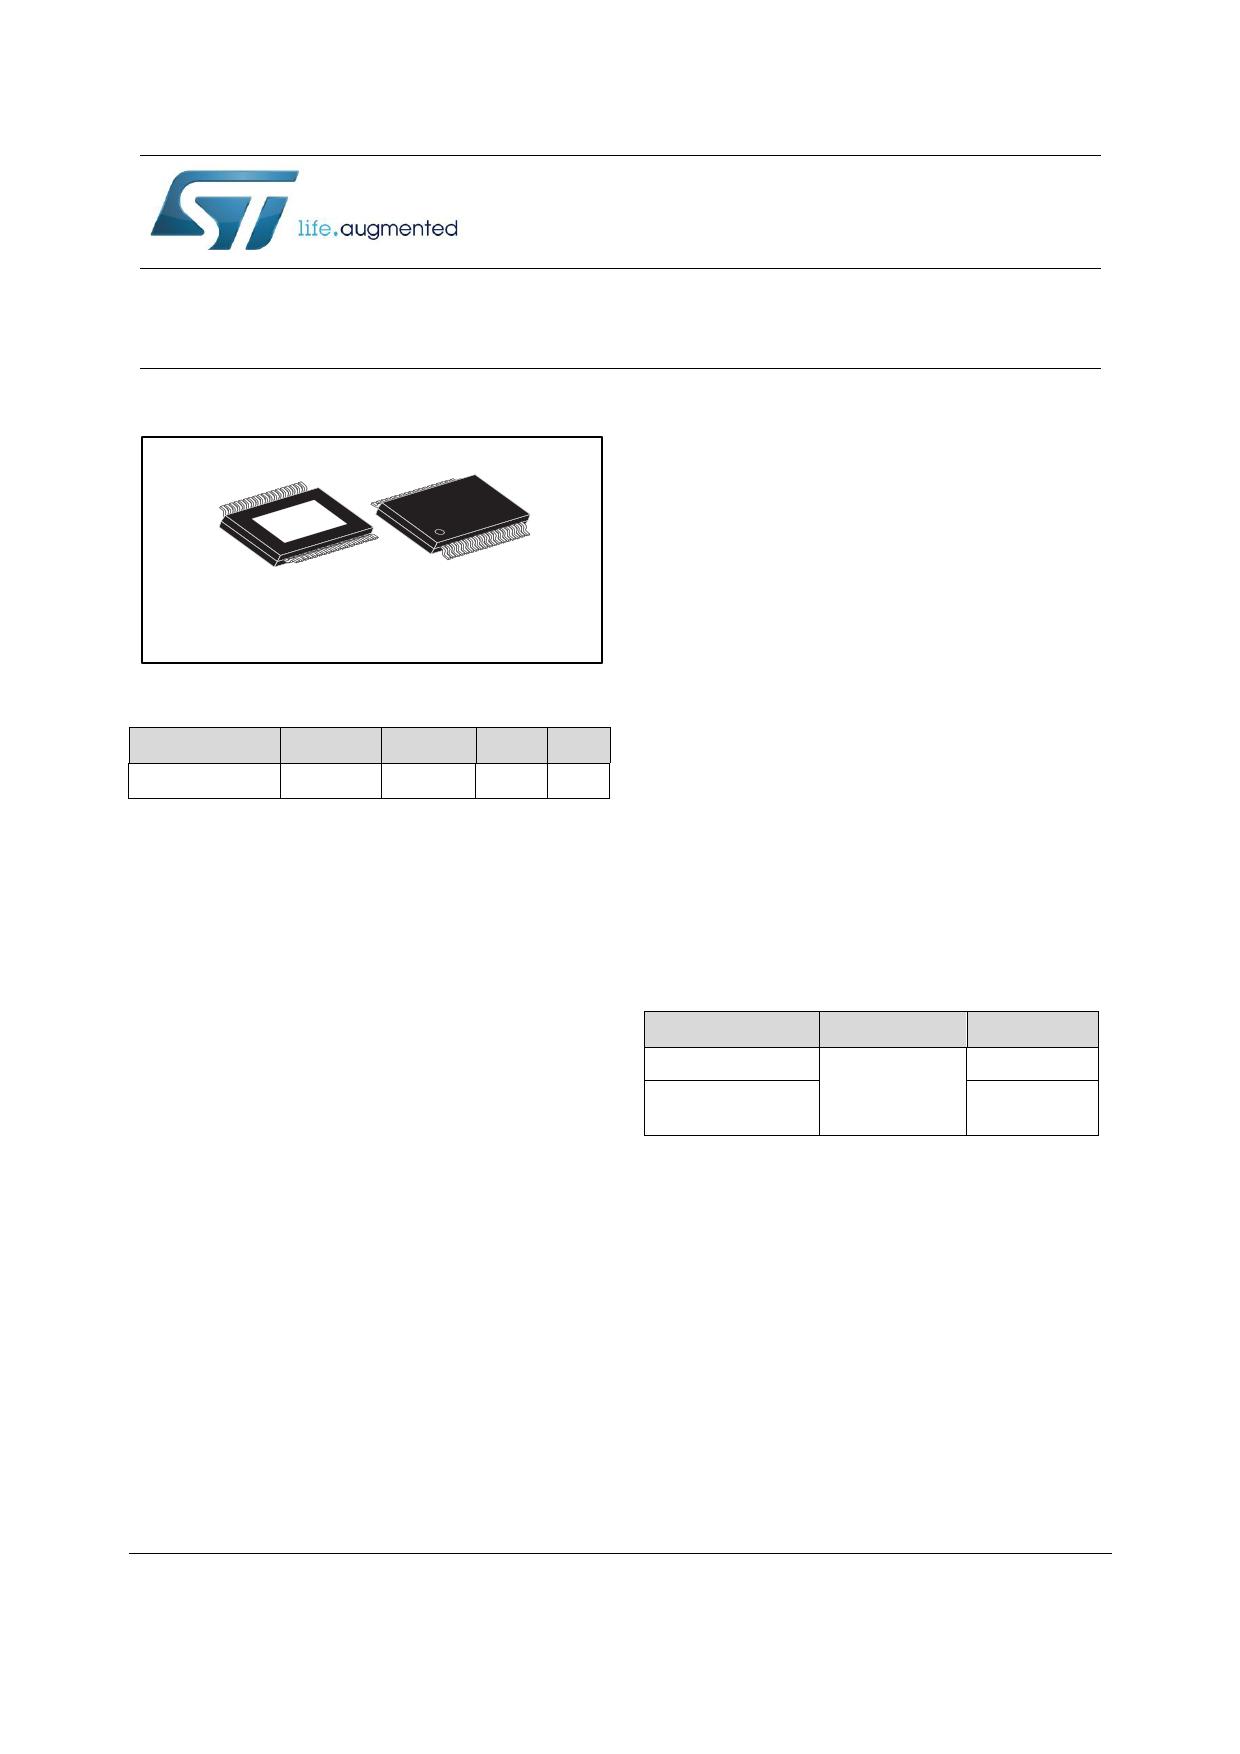 VNI8200XP-32 datasheet, circuit